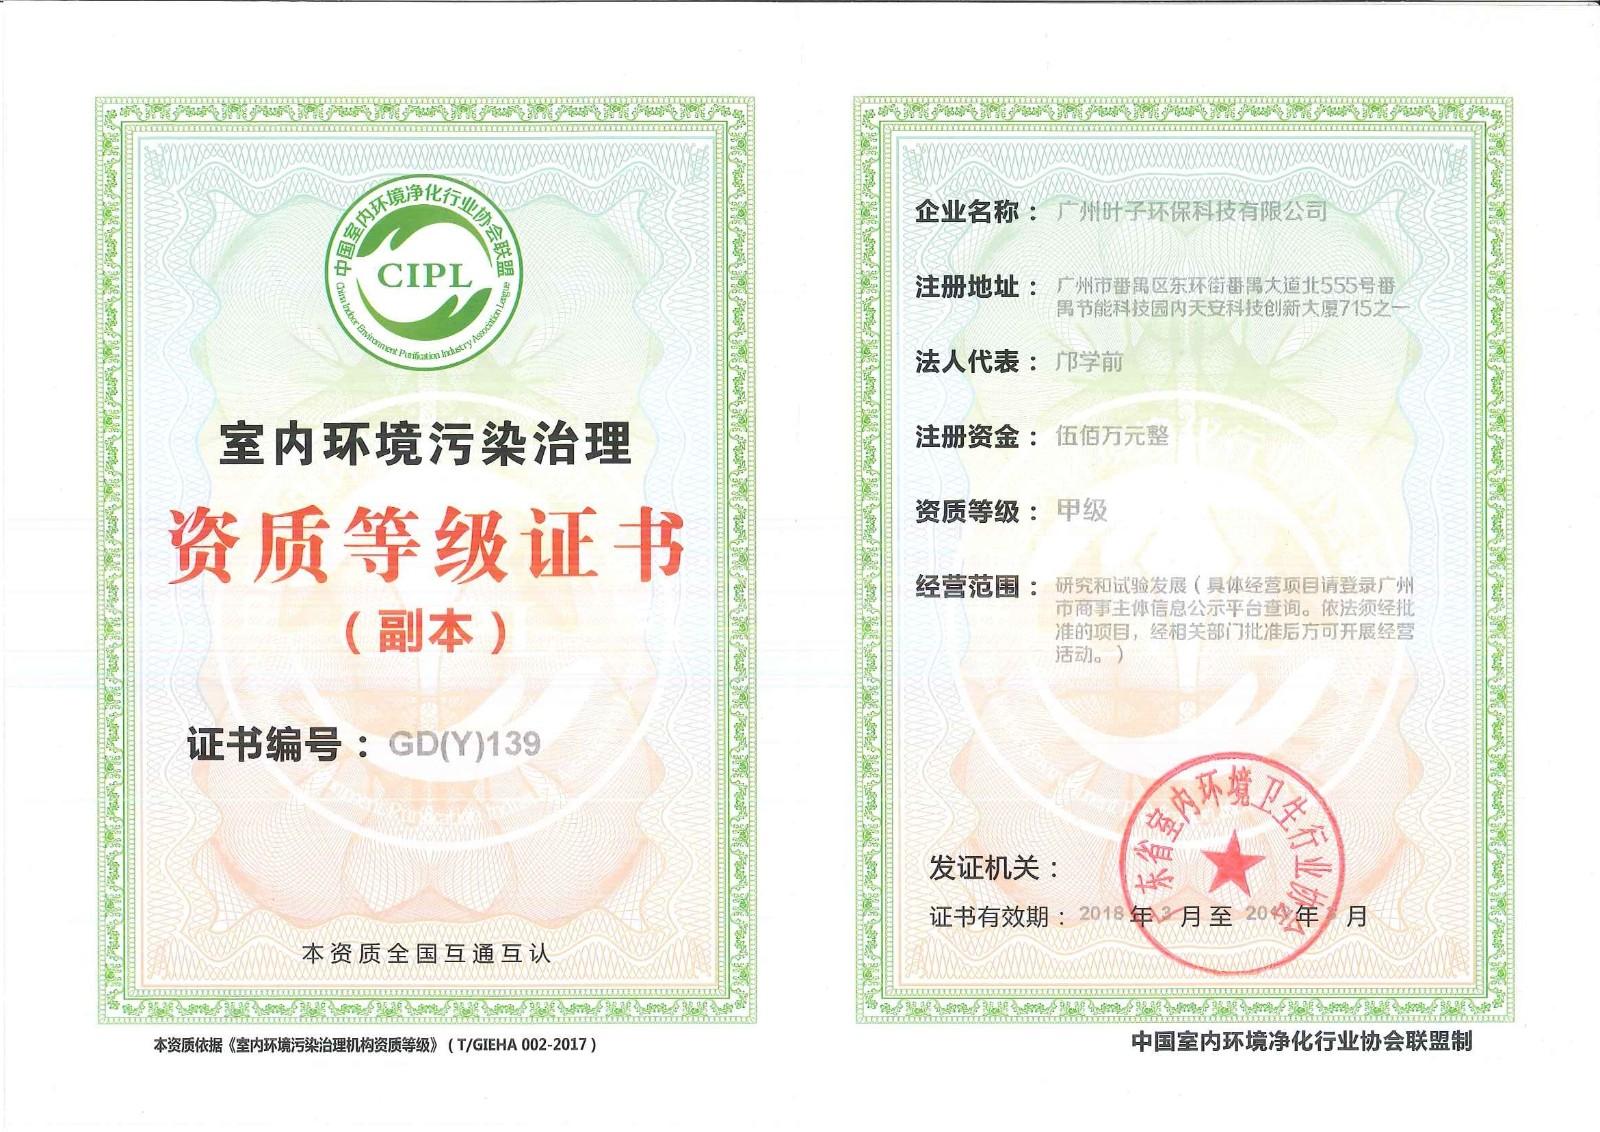 广州叶子环保公司室内环境污染治理资质等级证书(副本)2018.04.10.jpg